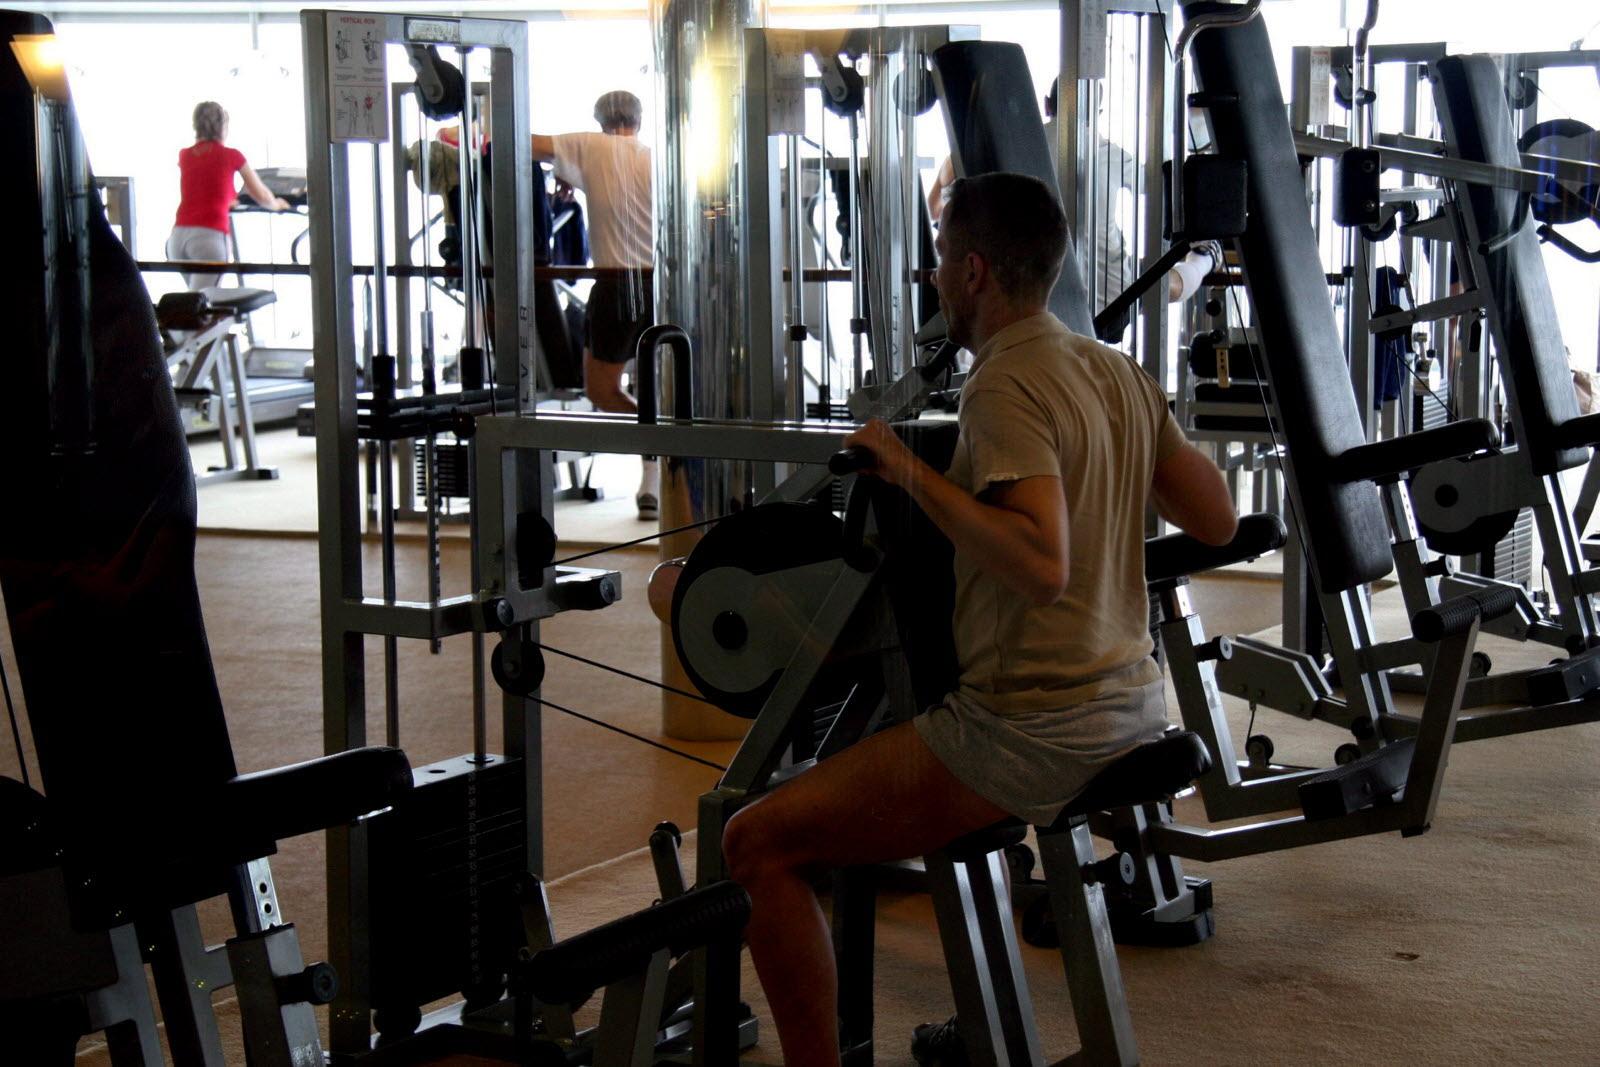 societe fermeture des salles de sport